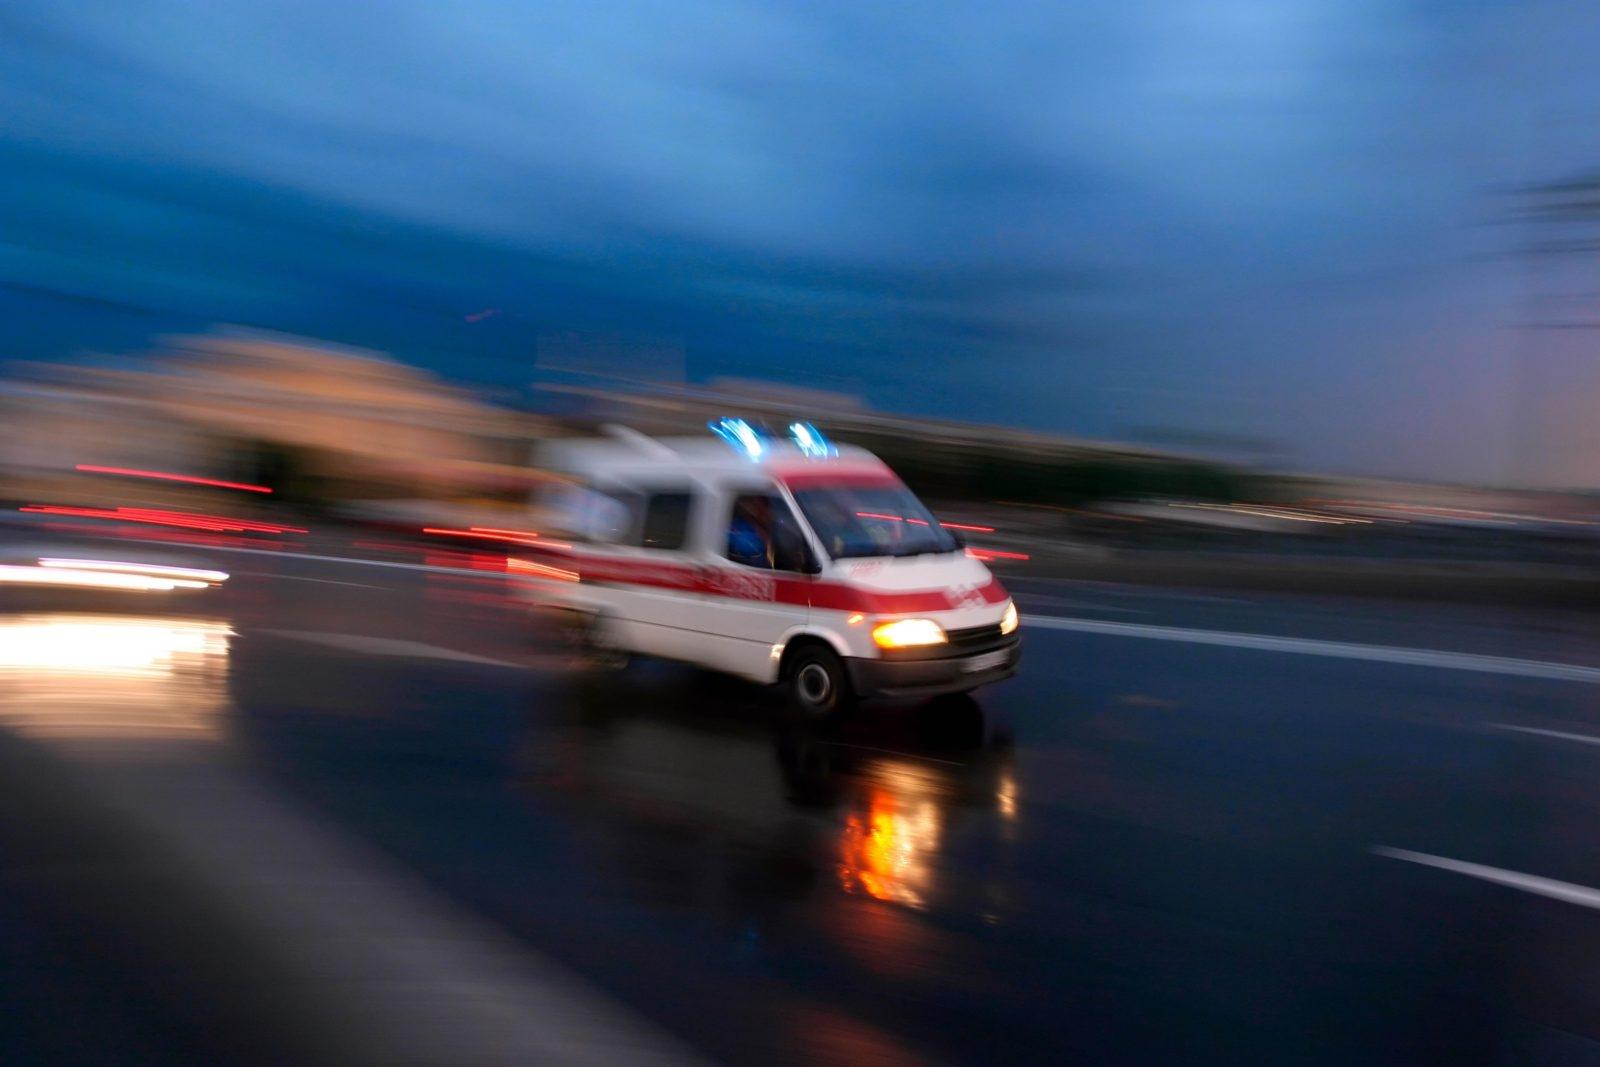 В Запорожье с недостроенного моста упал автомобиль - ФОТО